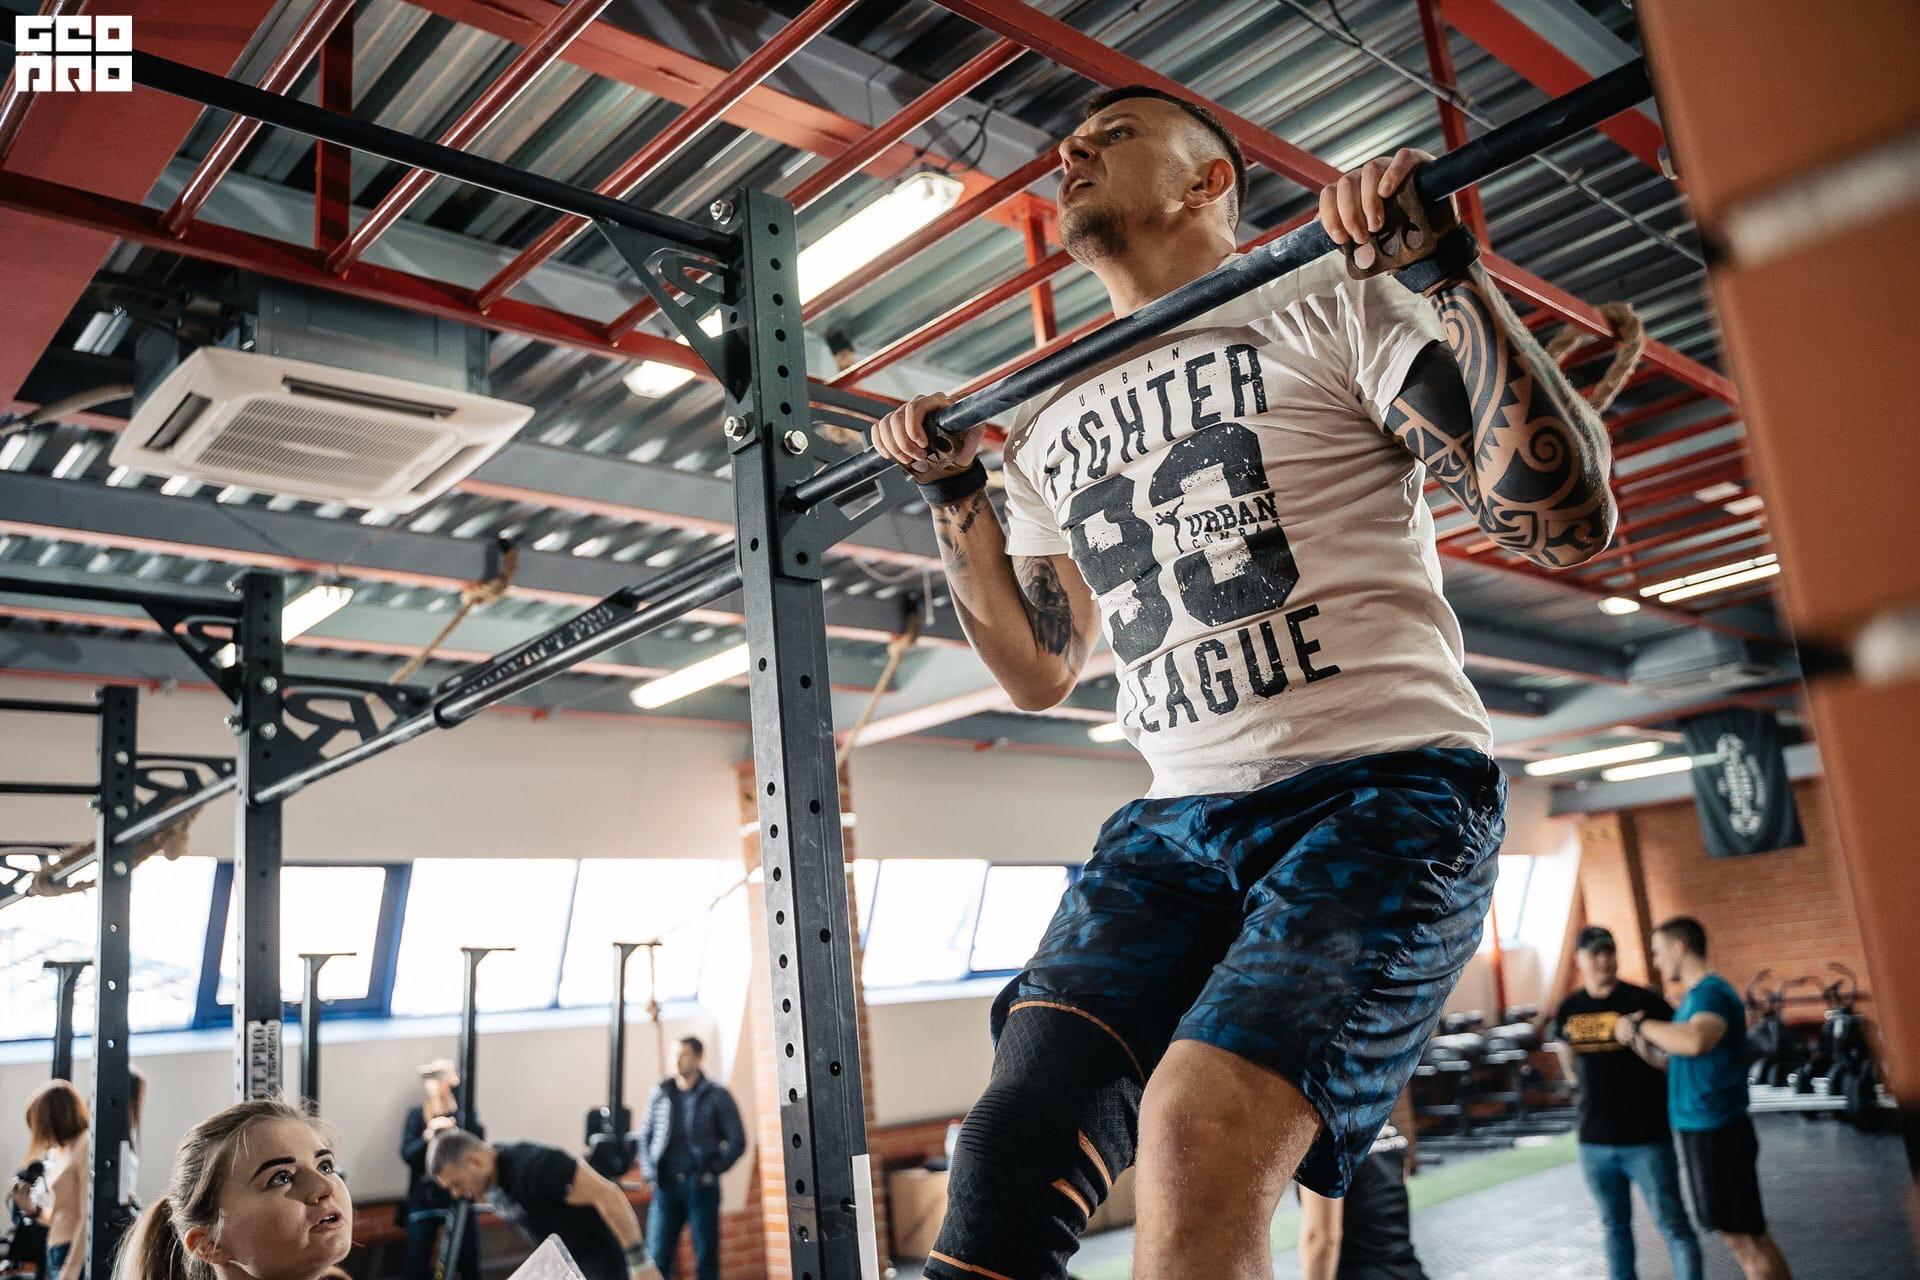 От гири до трейла: как кроссфит усилил циркуляцию спортсменов в Тверской области